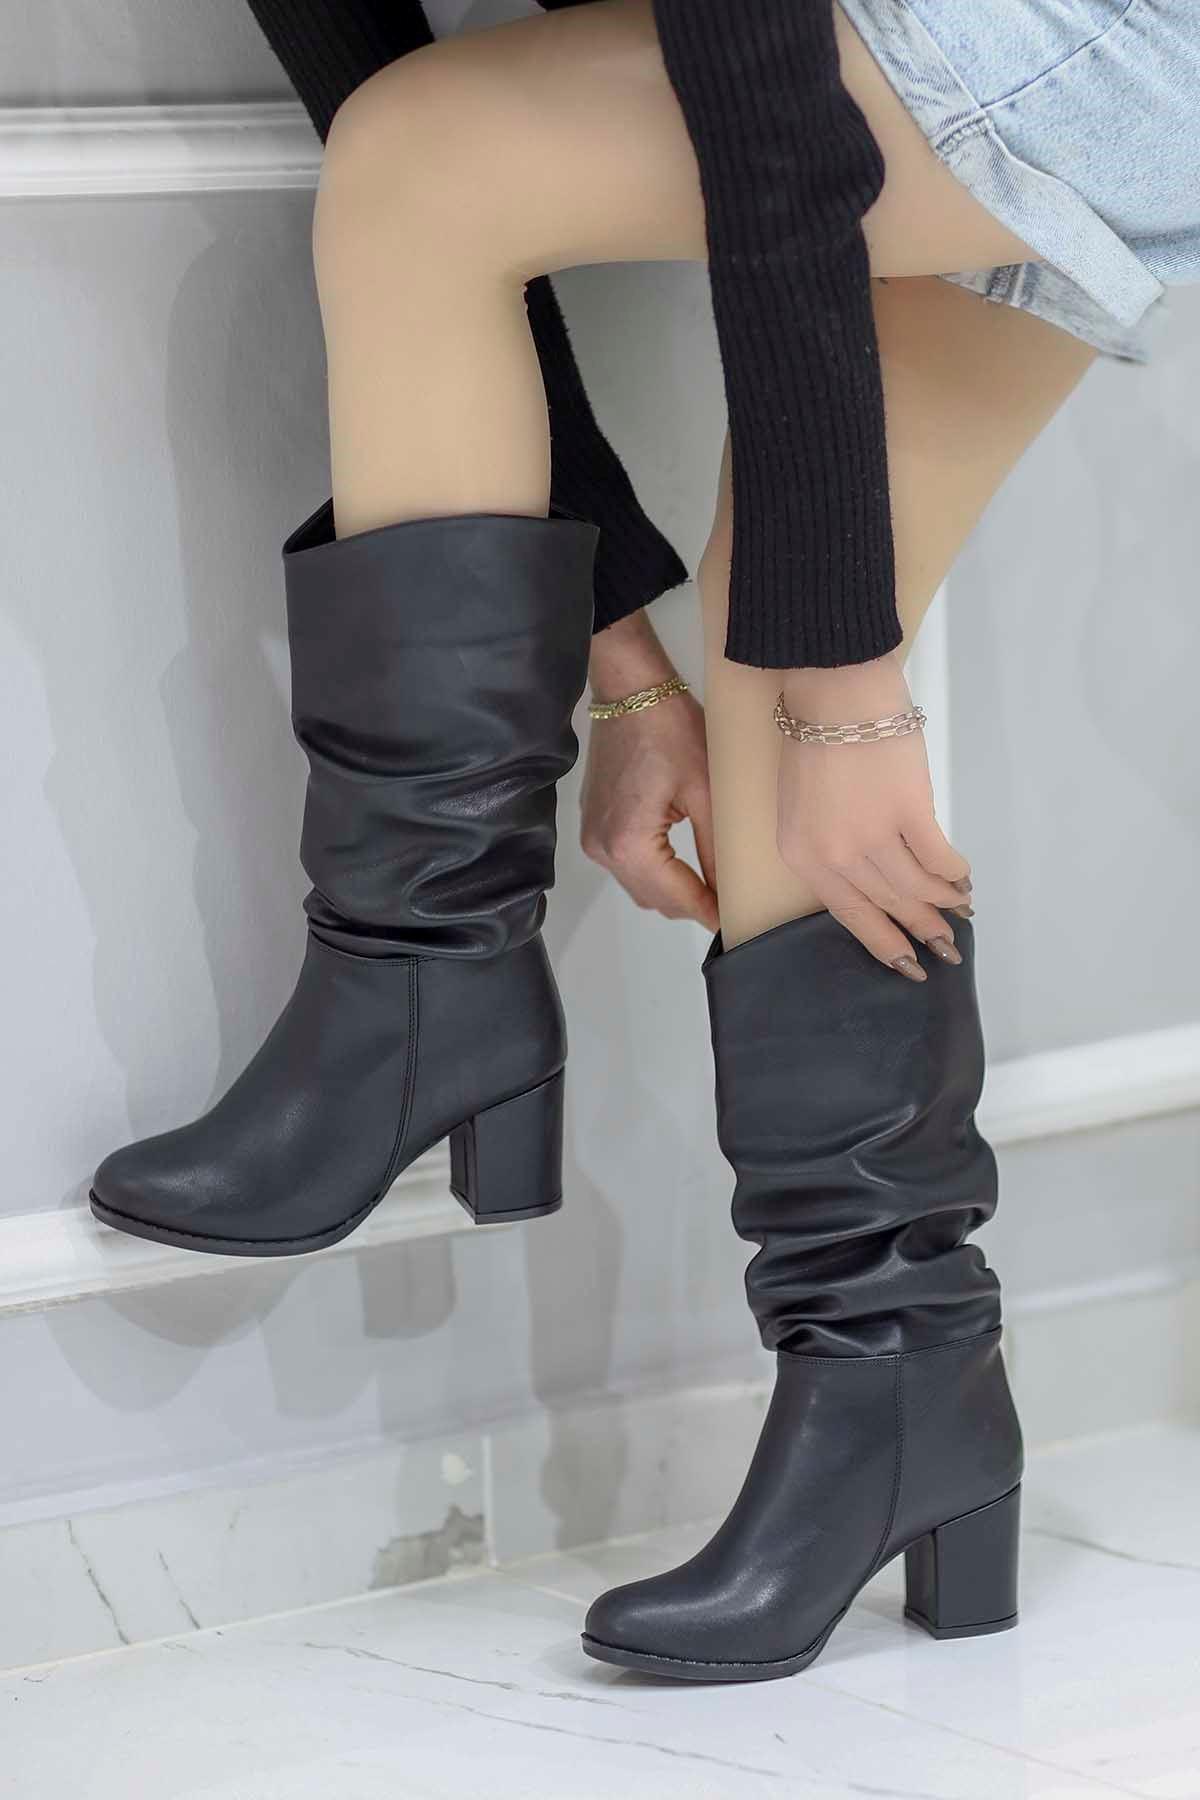 Mami-9610 Diz Altı Topuklu Yarım Çizme Siyah Deri